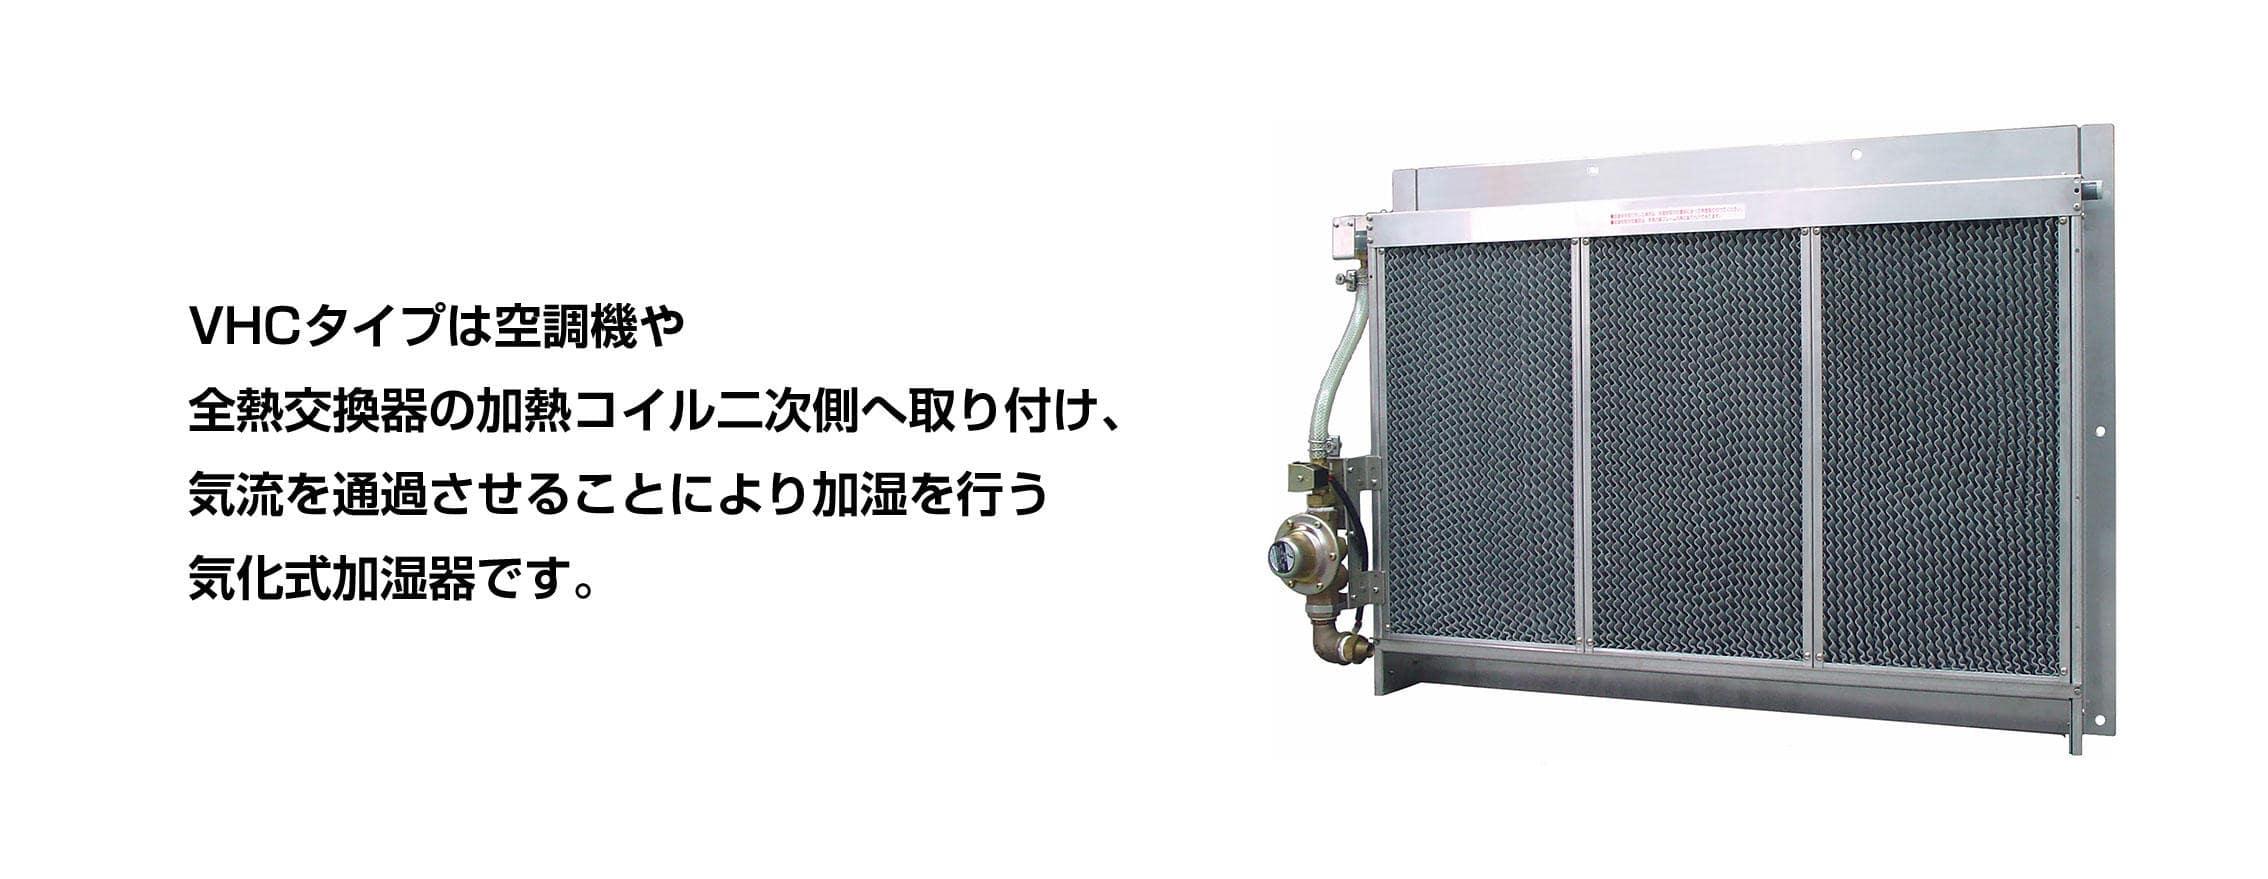 滴下浸透気化式加湿器VHCタイプ